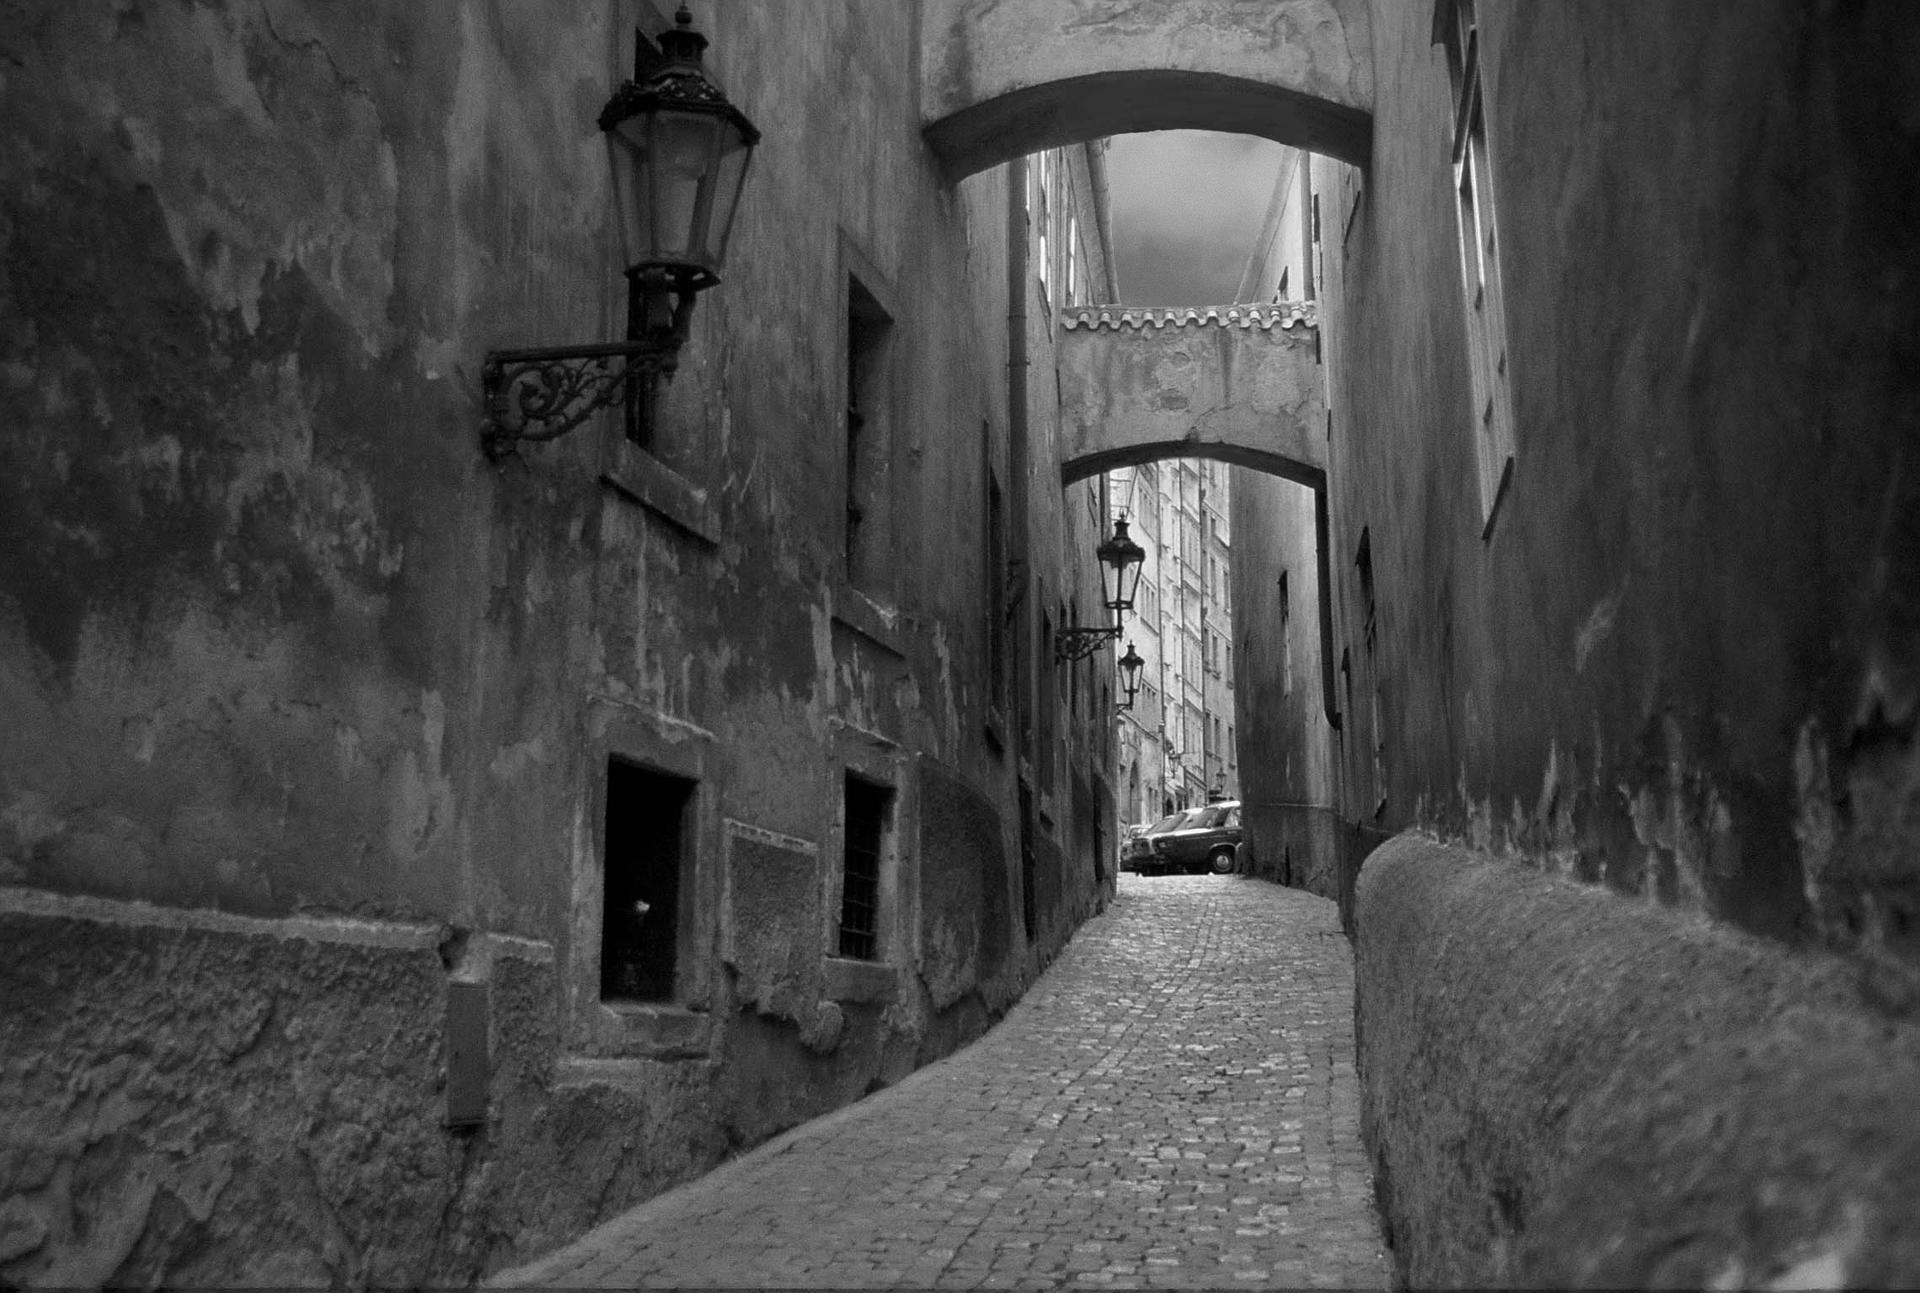 קפקא - Praha - יואל שתרוג -Prague- אדמה יוצרת - yoel sitruk - שיר שחלמתי על פראג -